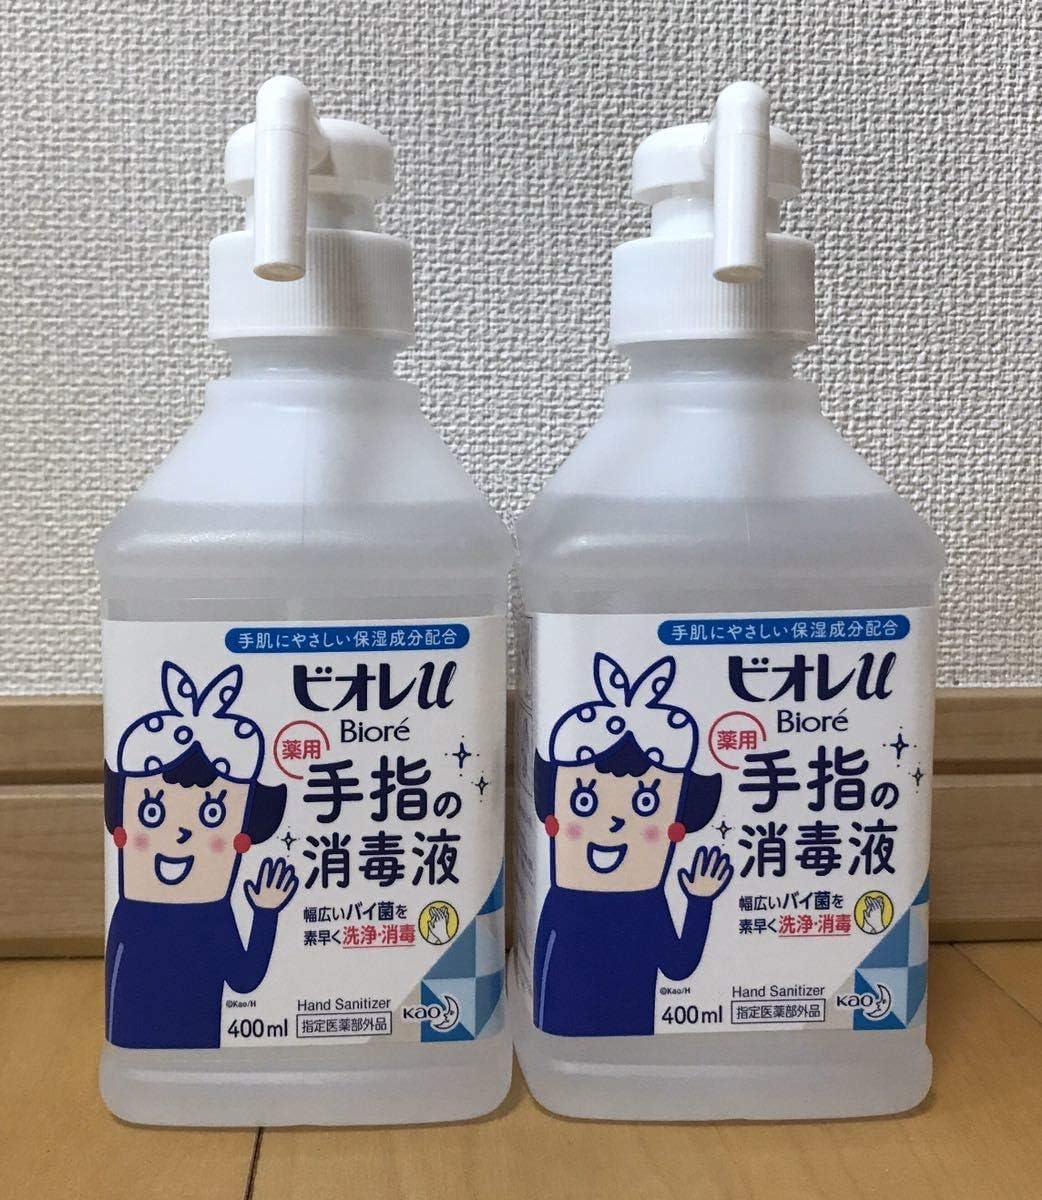 ビオレu 消毒液 使用期限